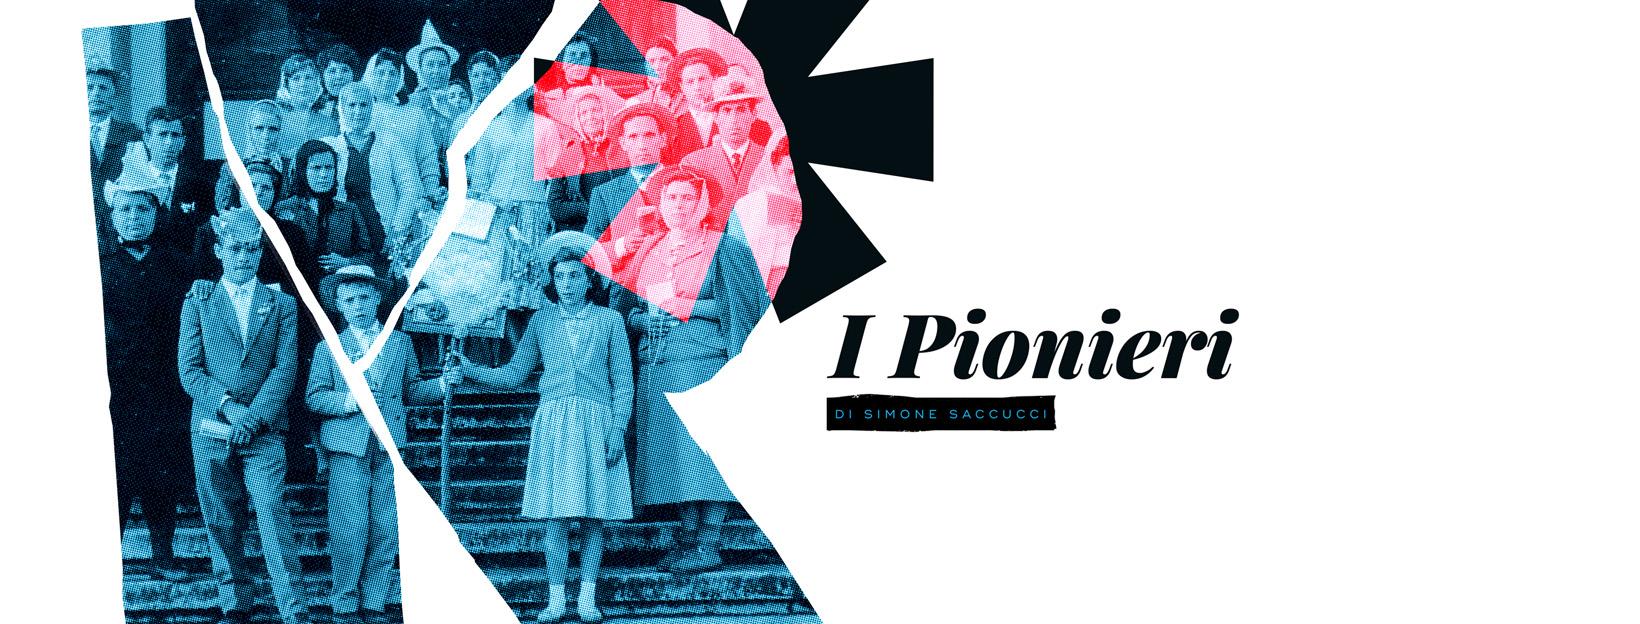 I Pionieri di Simone Saccucci | Roma Est Magazine